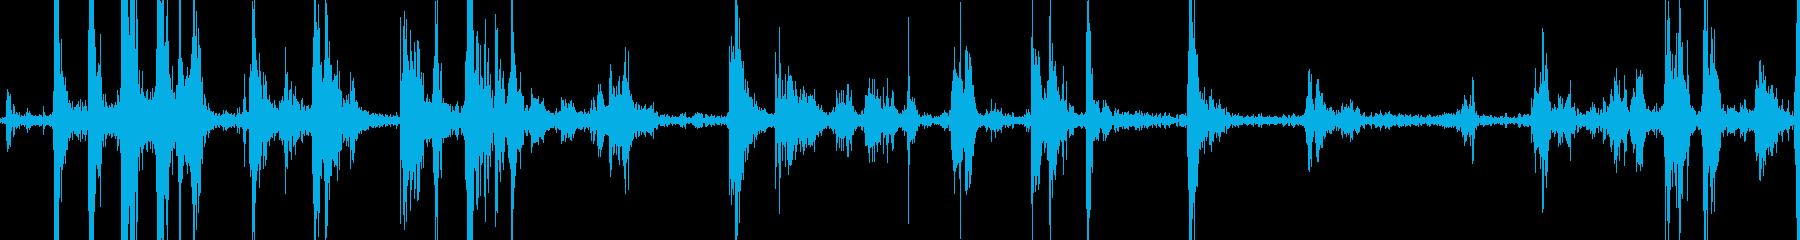 バードウィングハードフラップの再生済みの波形